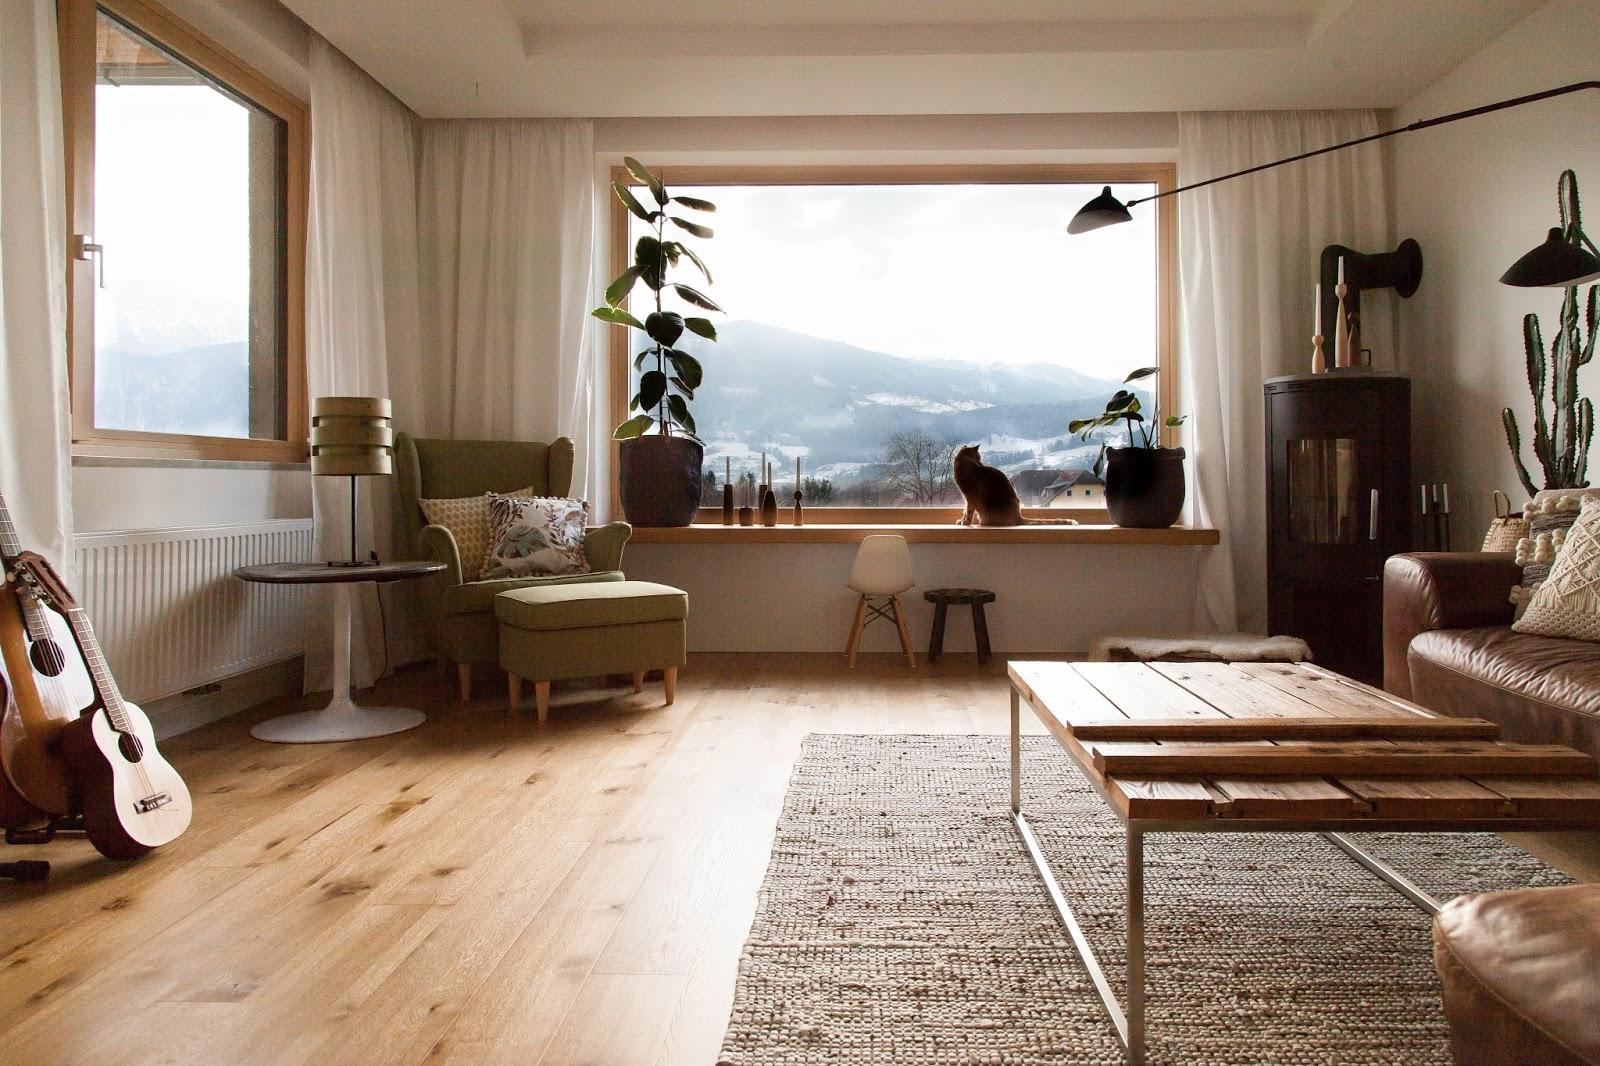 Unser Wohnzimmer in neuem Gewand - WOHNPROJEKT - Wohnblog für ...